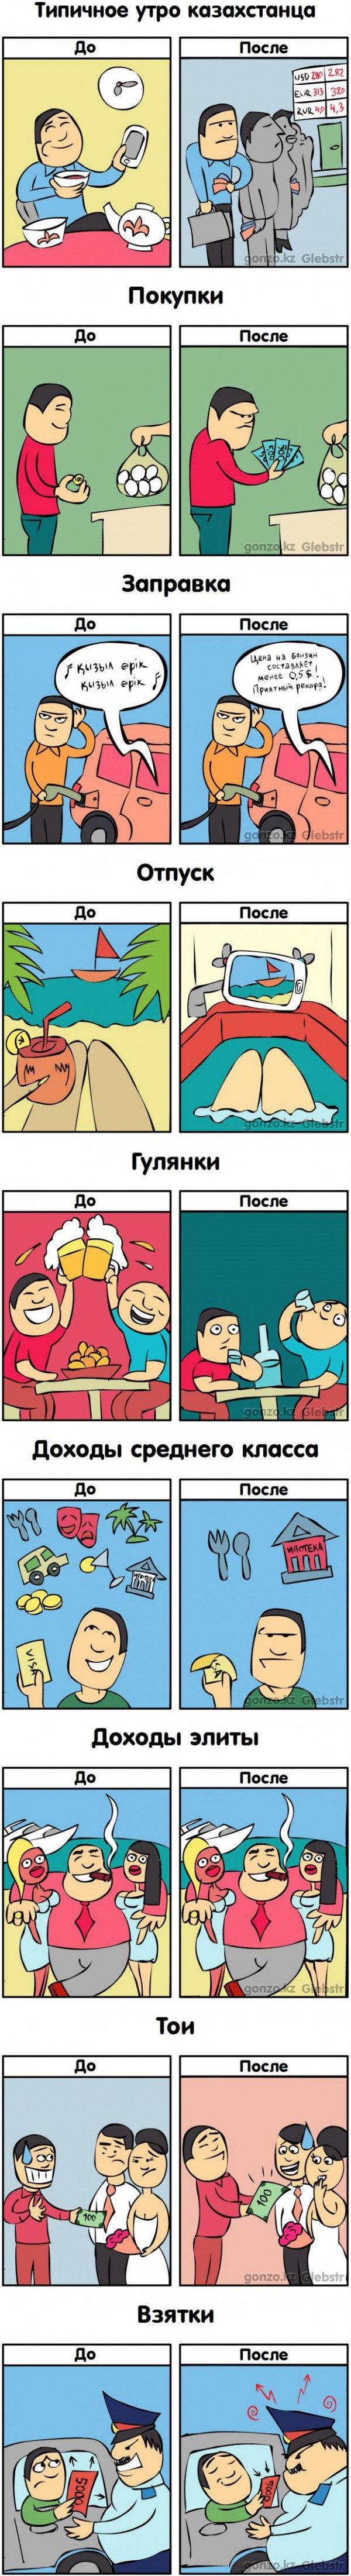 Жизнь в Казахстане до и после изменений курса (фото) - фото 1